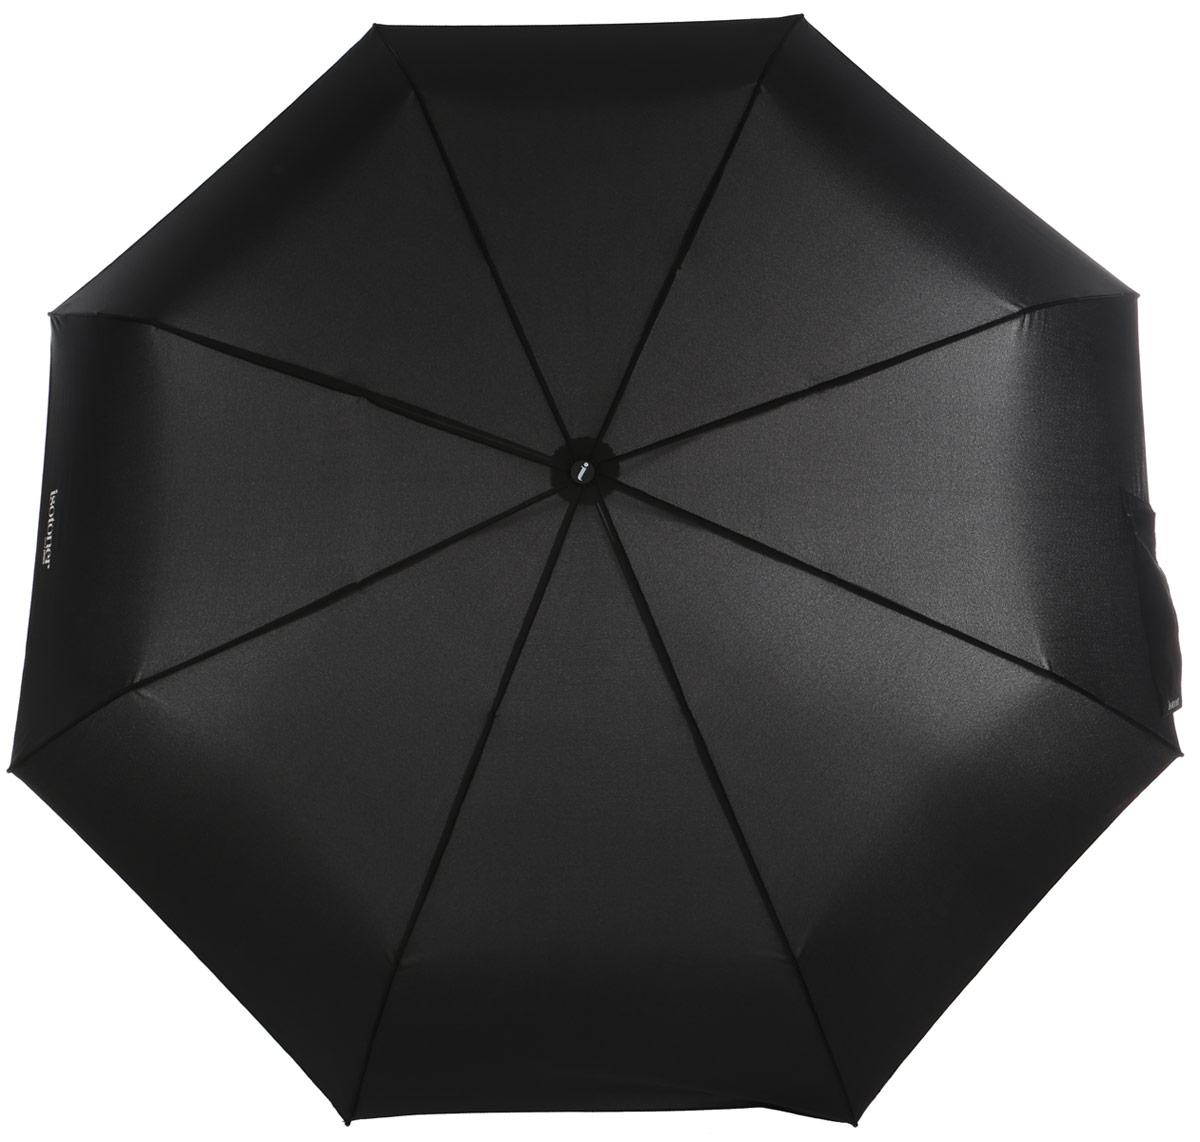 Зонт мужской Isotoner, автомат, 3 сложения, цвет: черный. 09456-308609456-3086_Классический автоматический зонт Isotoner с технологией X-tra Solide оформлен логотипом бренда. Зонт оснащен надежным металлическим каркасом с восьмью спицами из алюминия и стекловолокна. Купол изготовлен из прочного полиэстера. Зонт имеет автоматический механизм сложения: купол открывается и закрывается нажатием кнопки на рукоятке, стержень складывается вручную до характерного щелчка, благодаря чему открыть зонт можно одной рукой, что чрезвычайно удобно при выходе из транспорта или помещения. Эргономичная рукоятка дополнена эластичной петлей. К зонту прилагается чехол. Такой зонт не только надежно защитит вас от дождя, но и станет стильным аксессуаром, который идеально подчеркнет ваш образ.